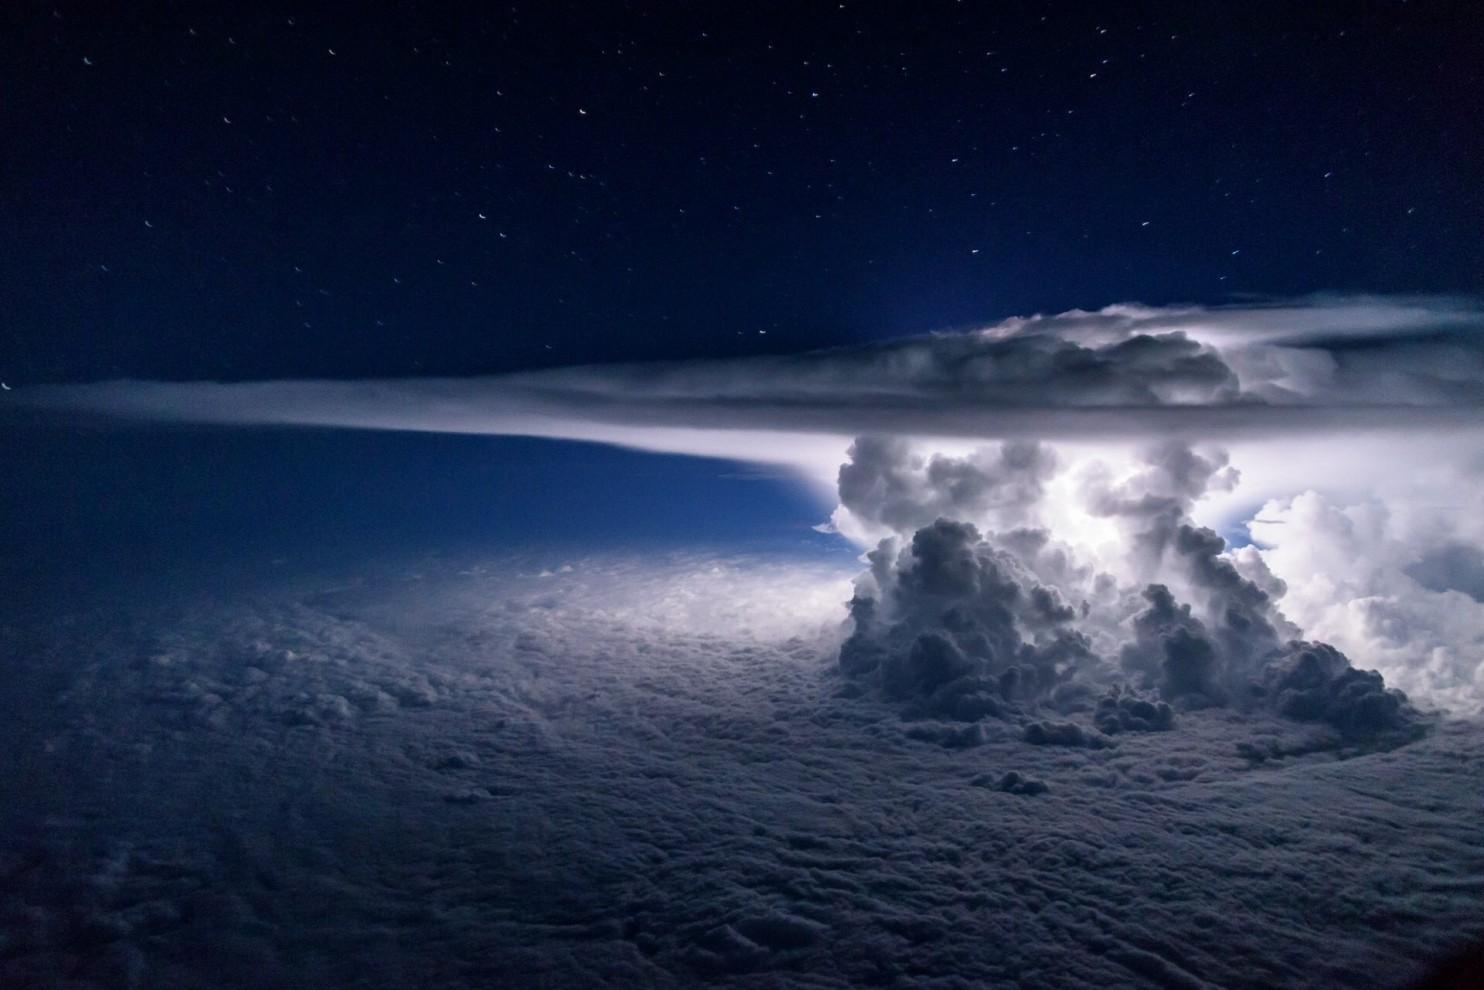 perierga.gr - Εντυπωσιακή καταιγίδα πάνω από τον Ειρηνικό!